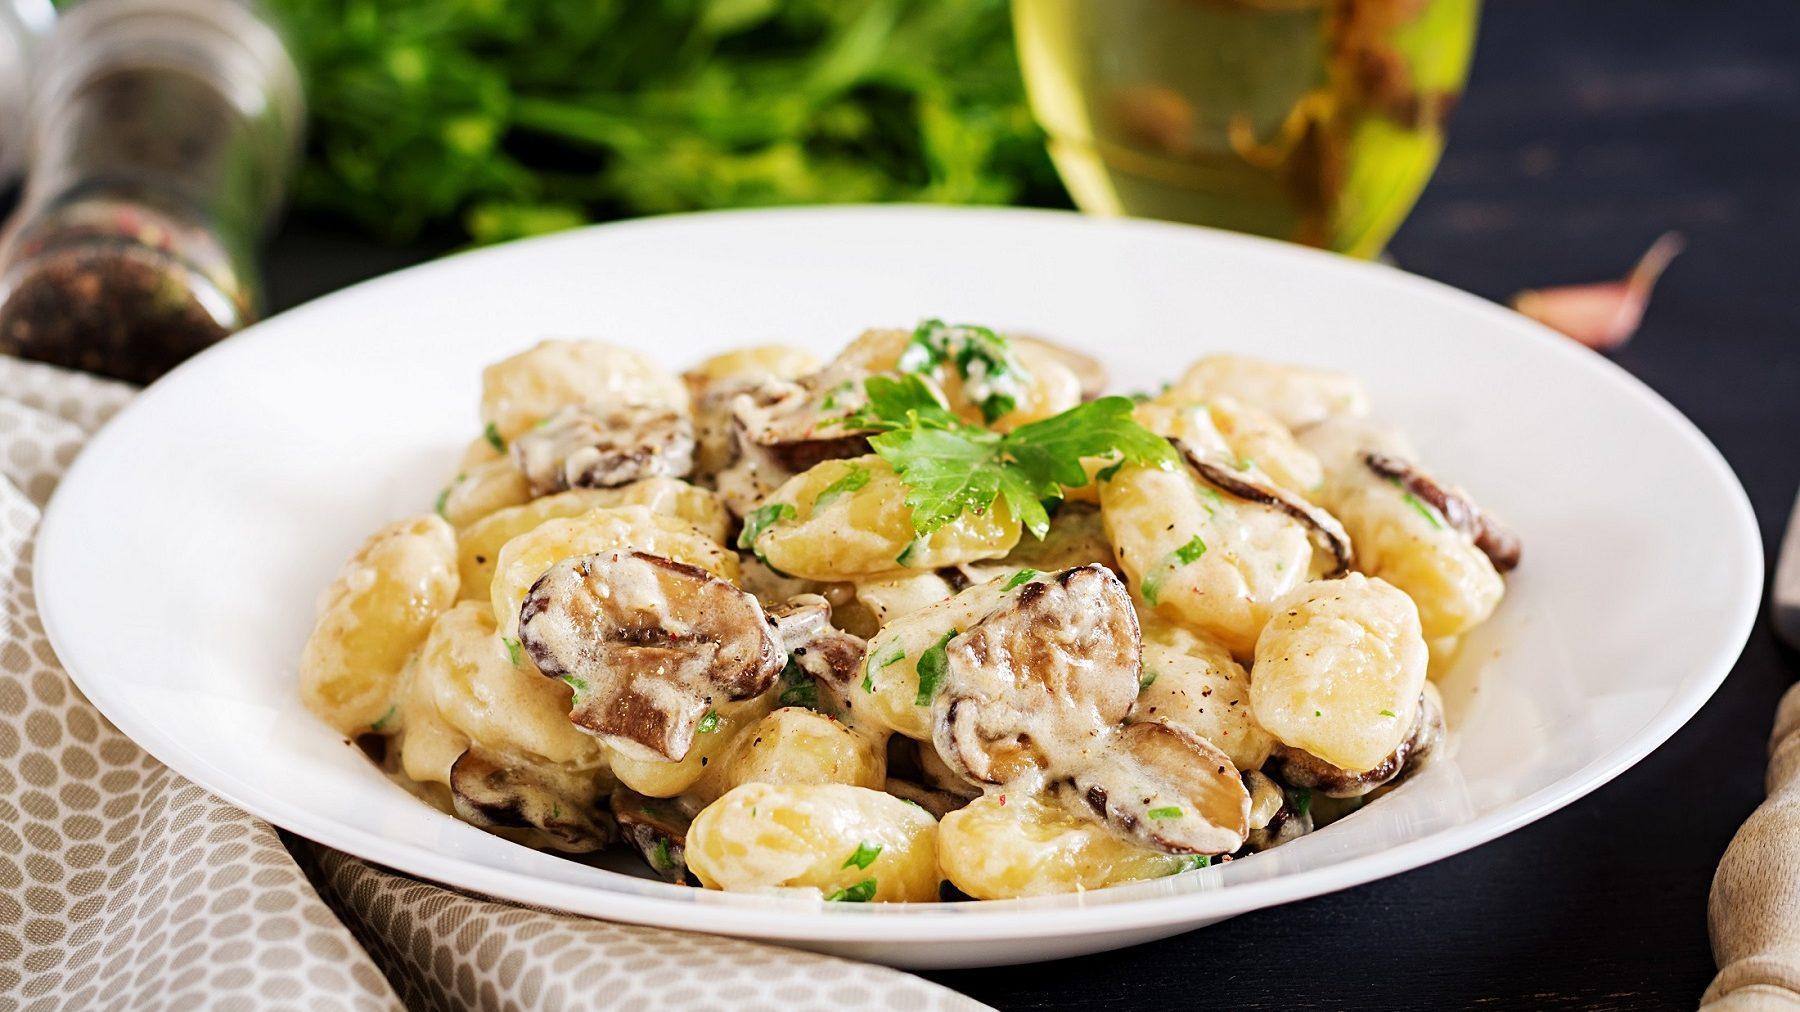 Auf dem Bild ist ein weißer Teller mit Gnocchi in Pilz-Käse-Soße.